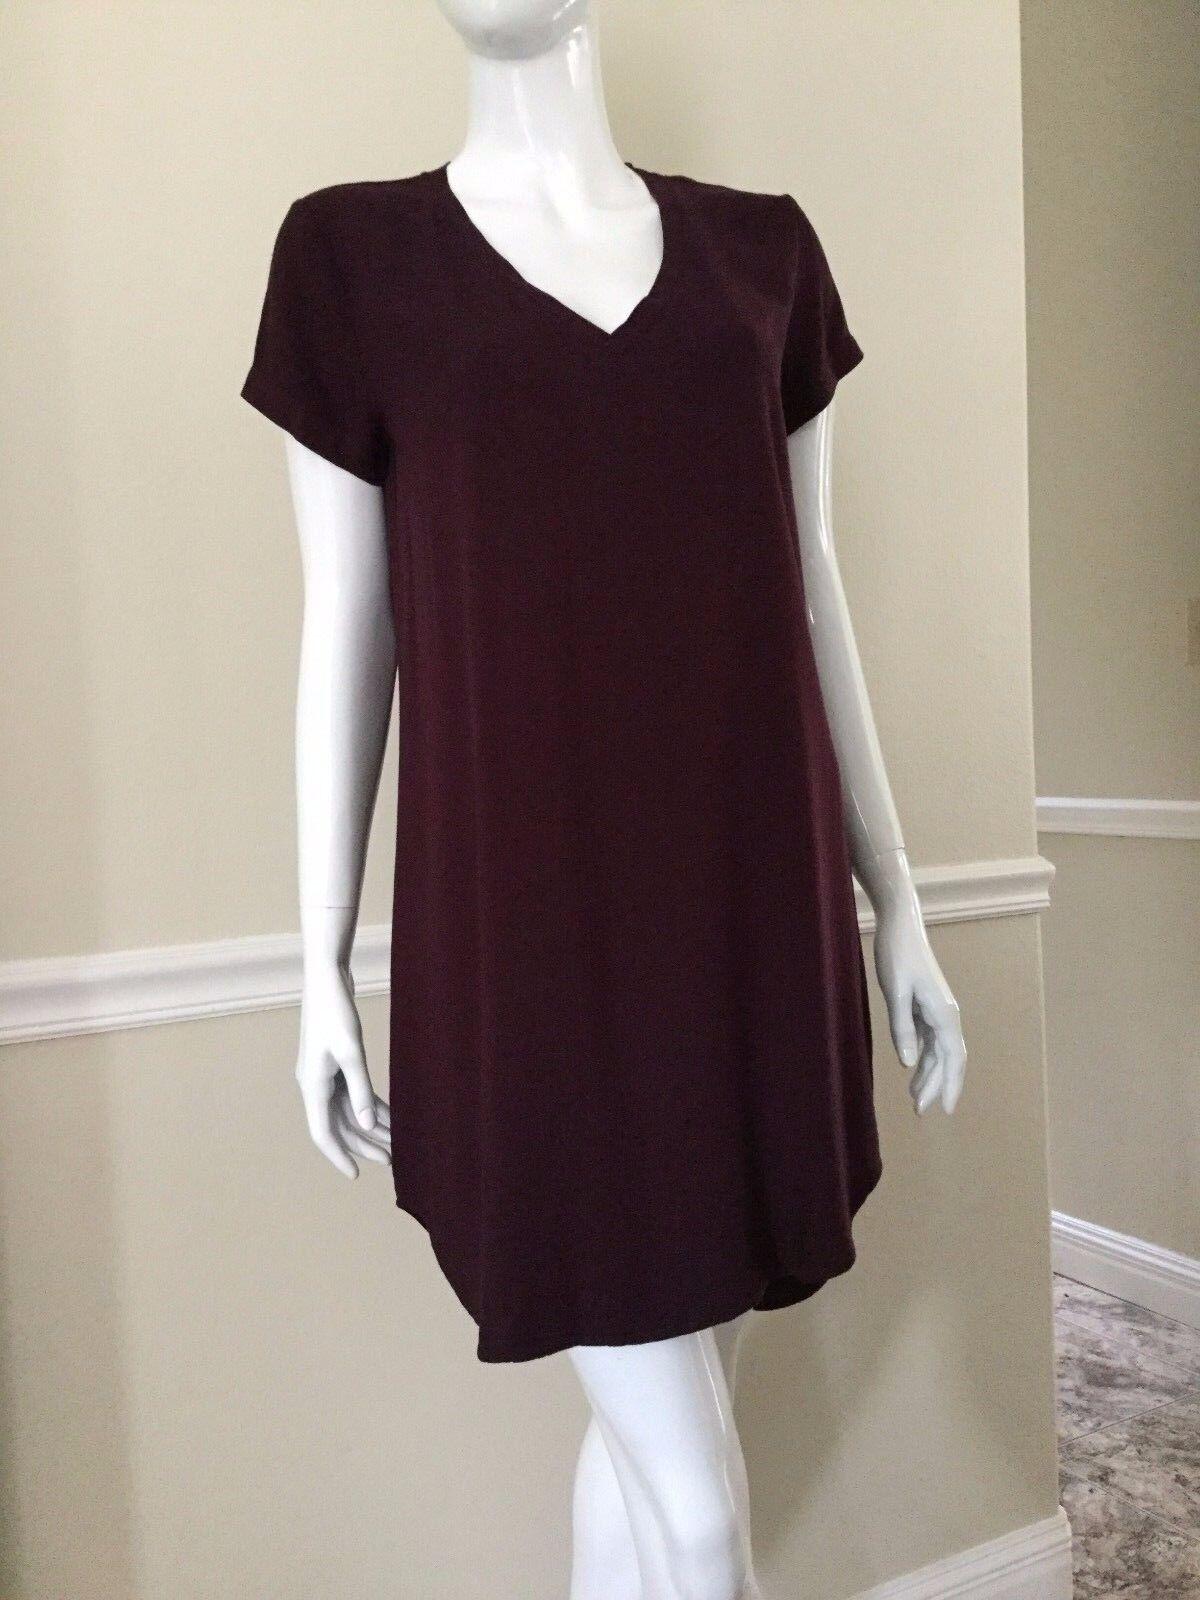 Neu Stoff & Stein Szxs V-Ausschnitt Kurzärmlig Fokuhila Saum Saum Saum Kleid | Sale Online  | Billiger als der Preis  | eine breite Palette von Produkten  9e850e